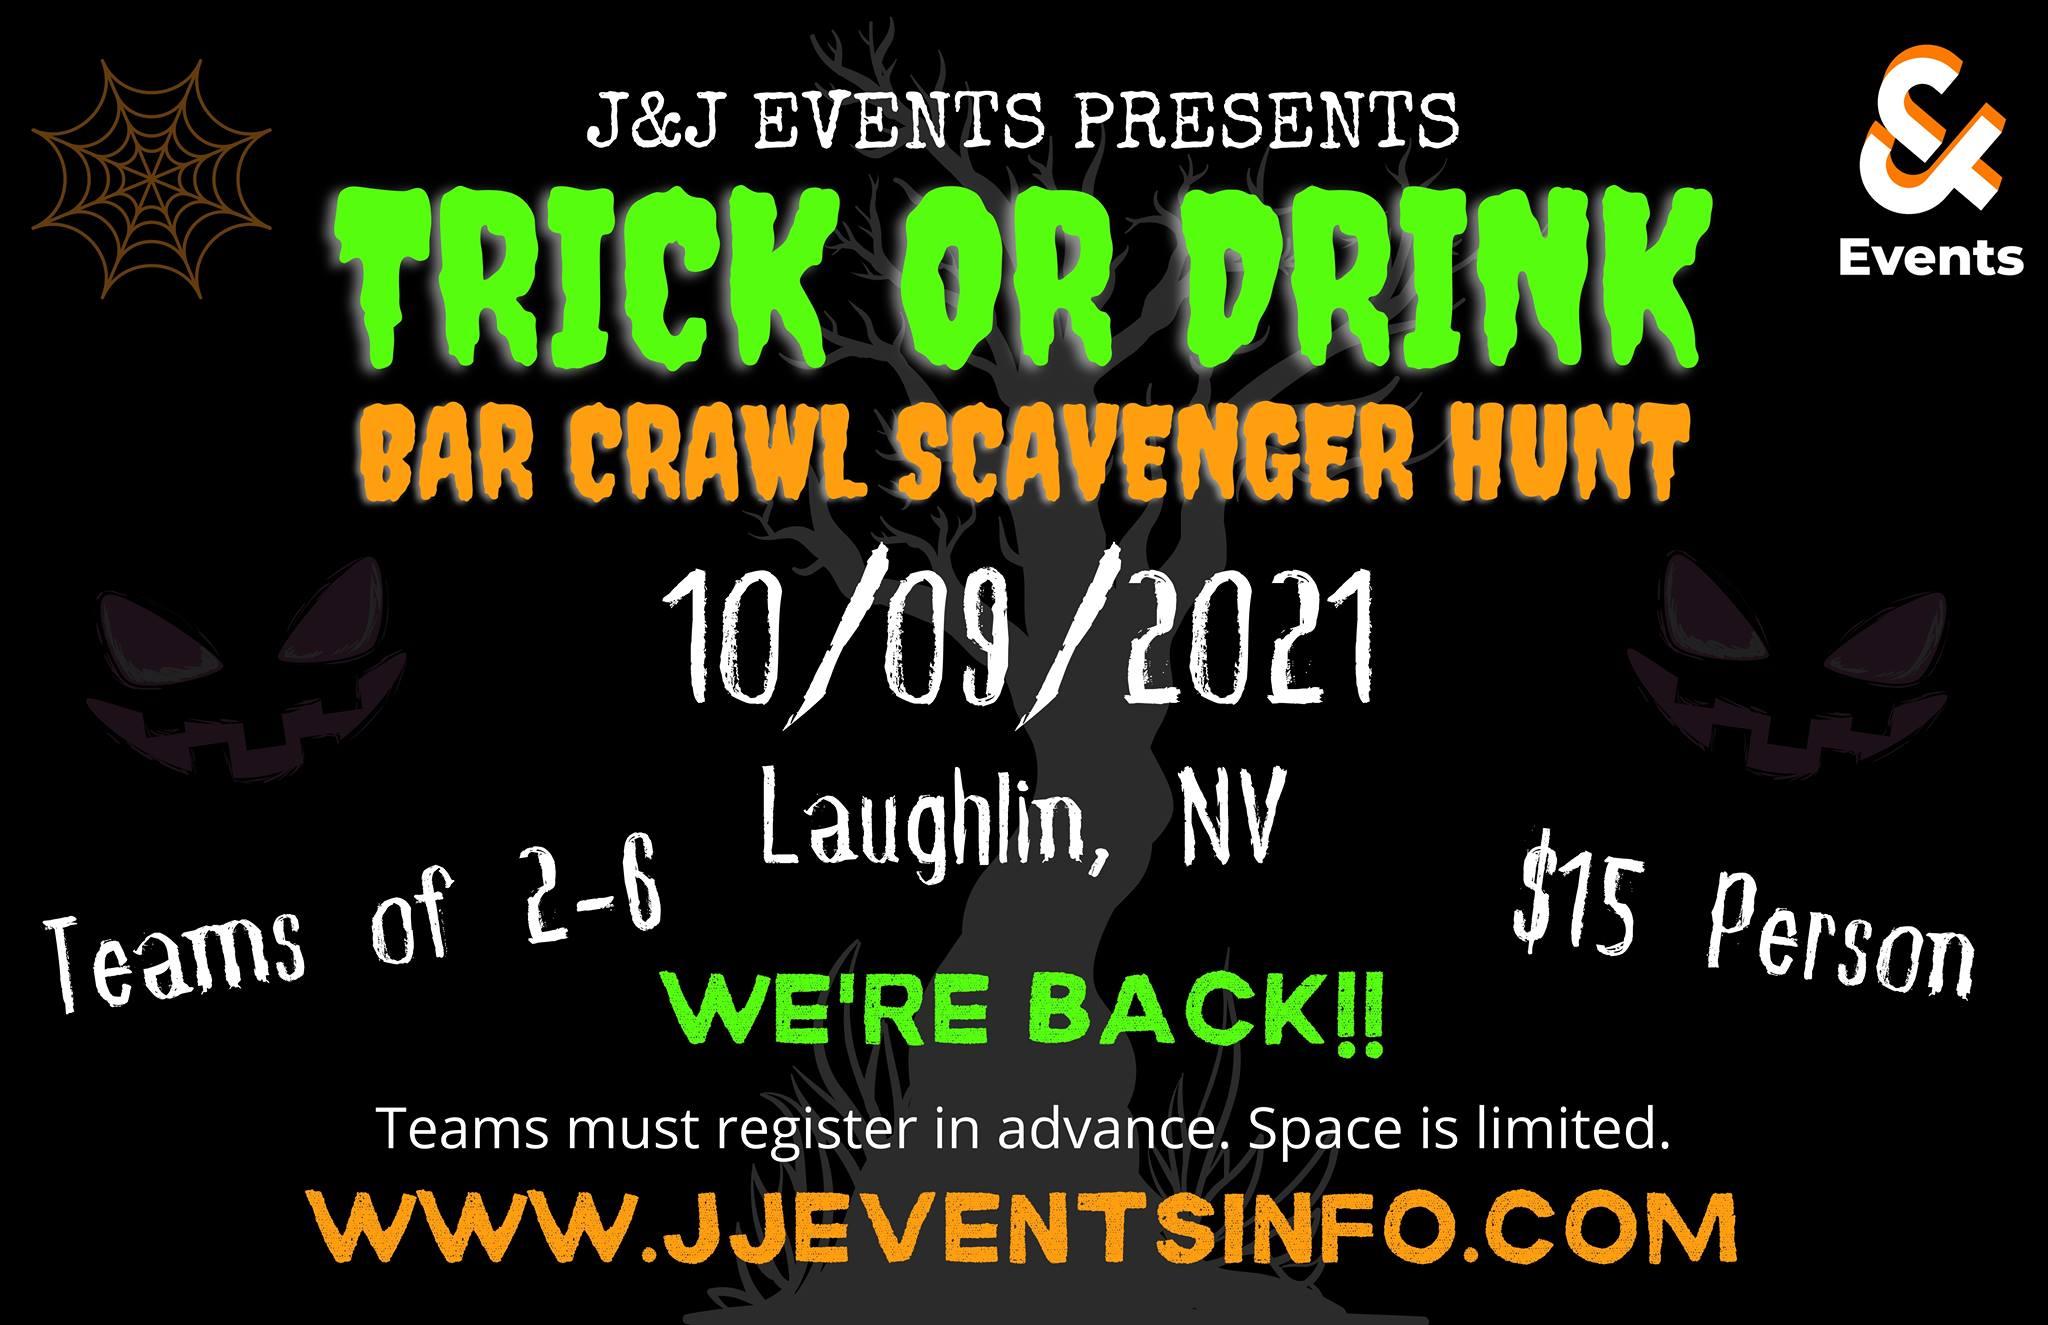 Trick or Drink Bar Crawl Scavenger Hunt